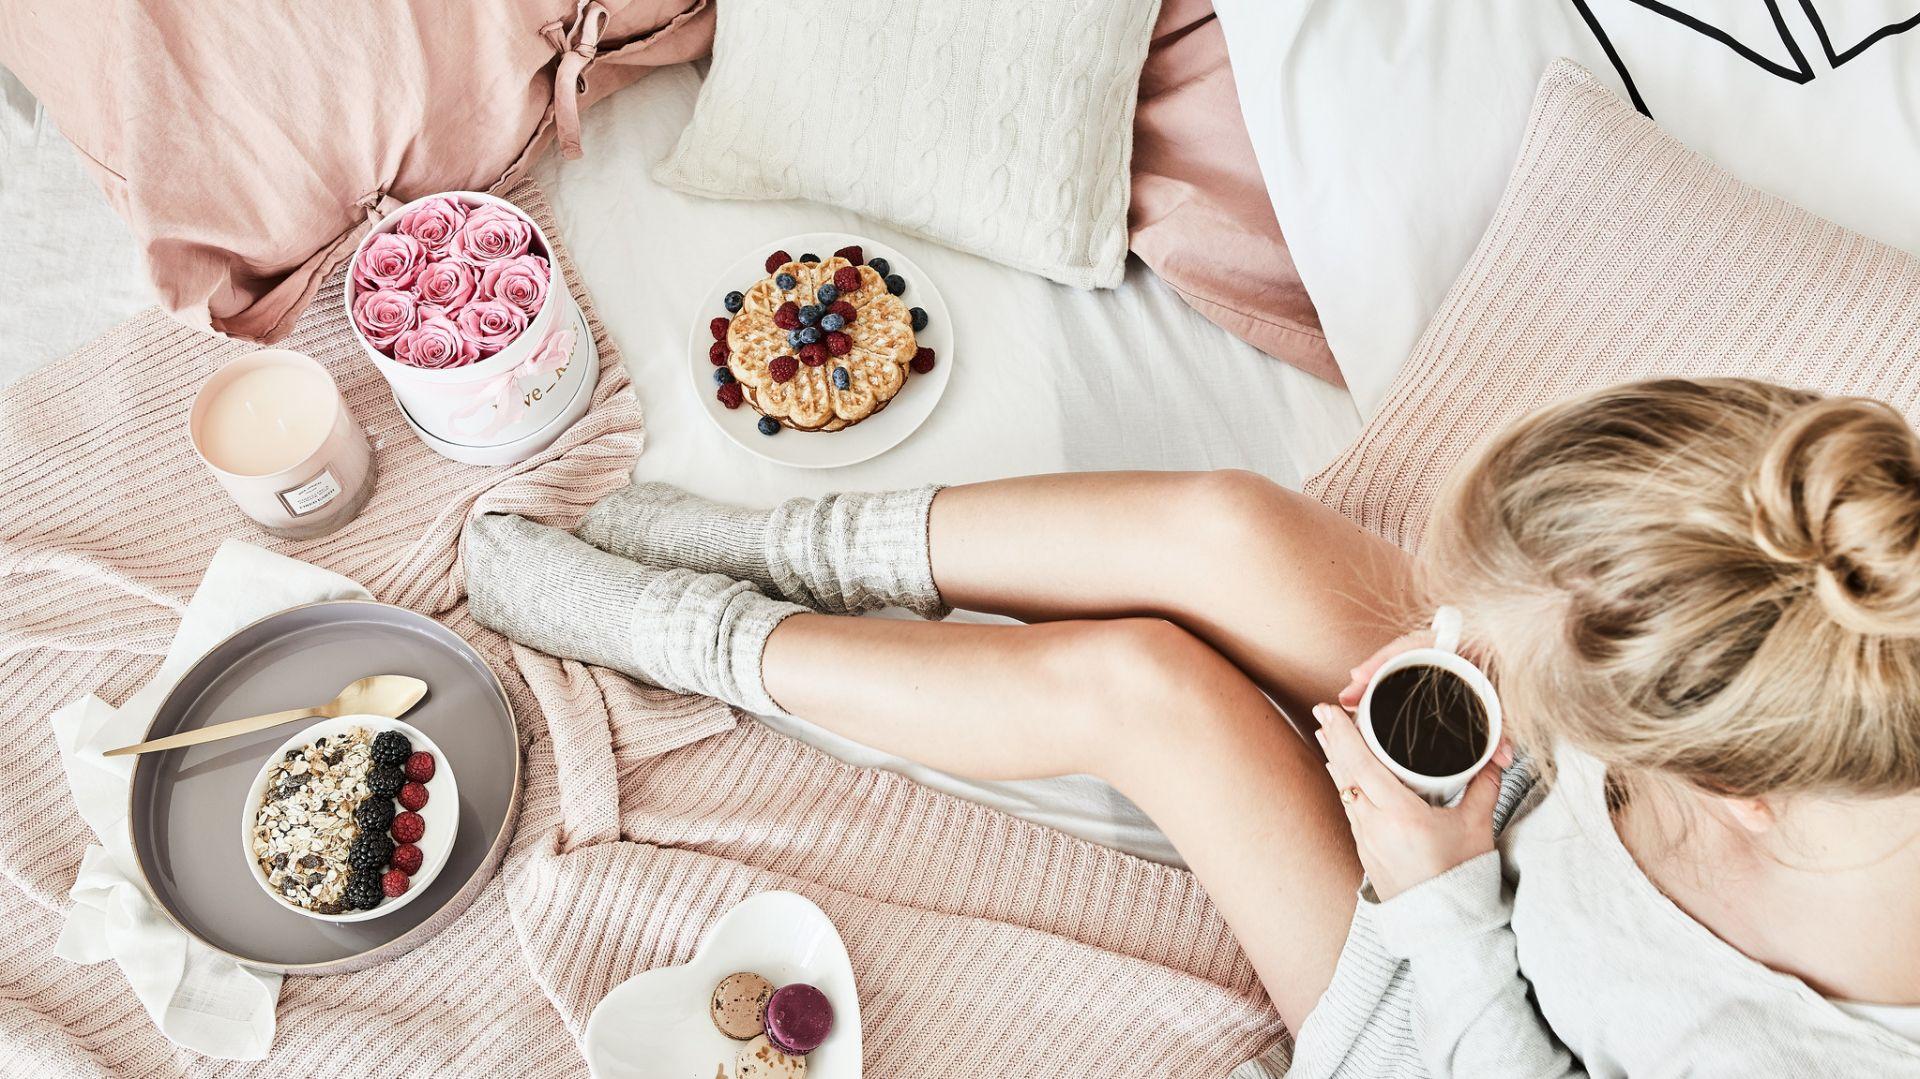 Pyszna poranna kawa i słodka przekąska serwowane do łóżka? Latem warto celebrować takie drobne przyjemności. Fot. WestwingNow